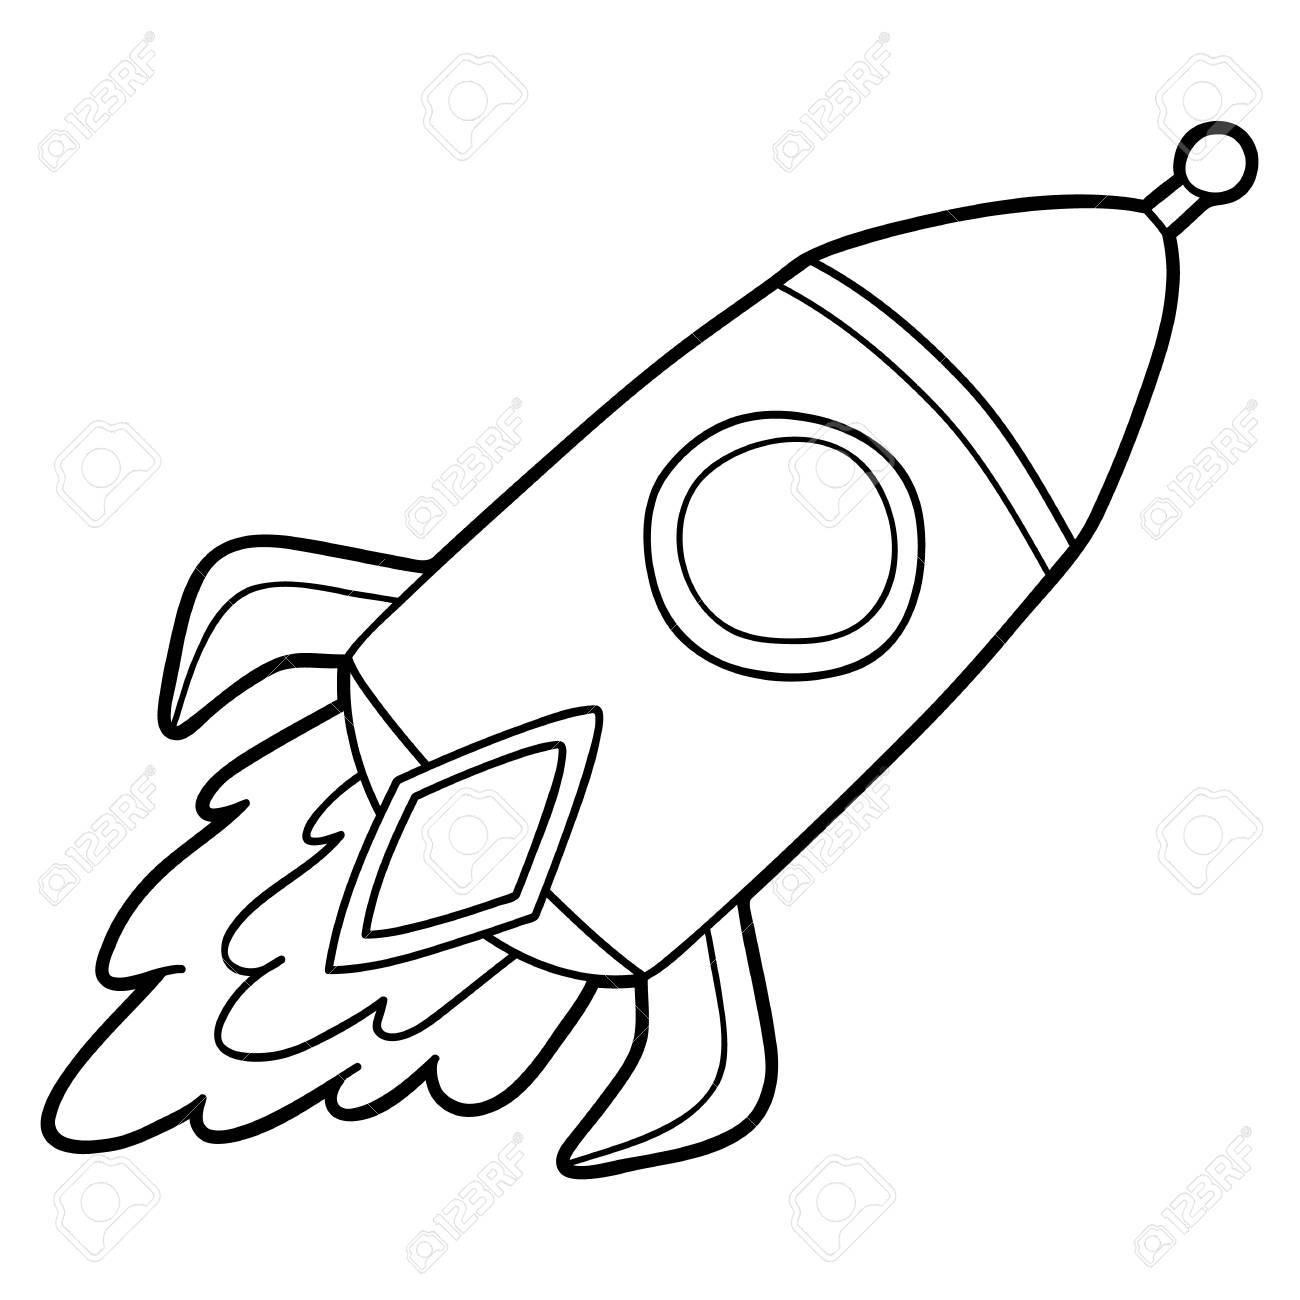 Niedliche Cartoon-Rakete für Kinder, Malvorlagen.